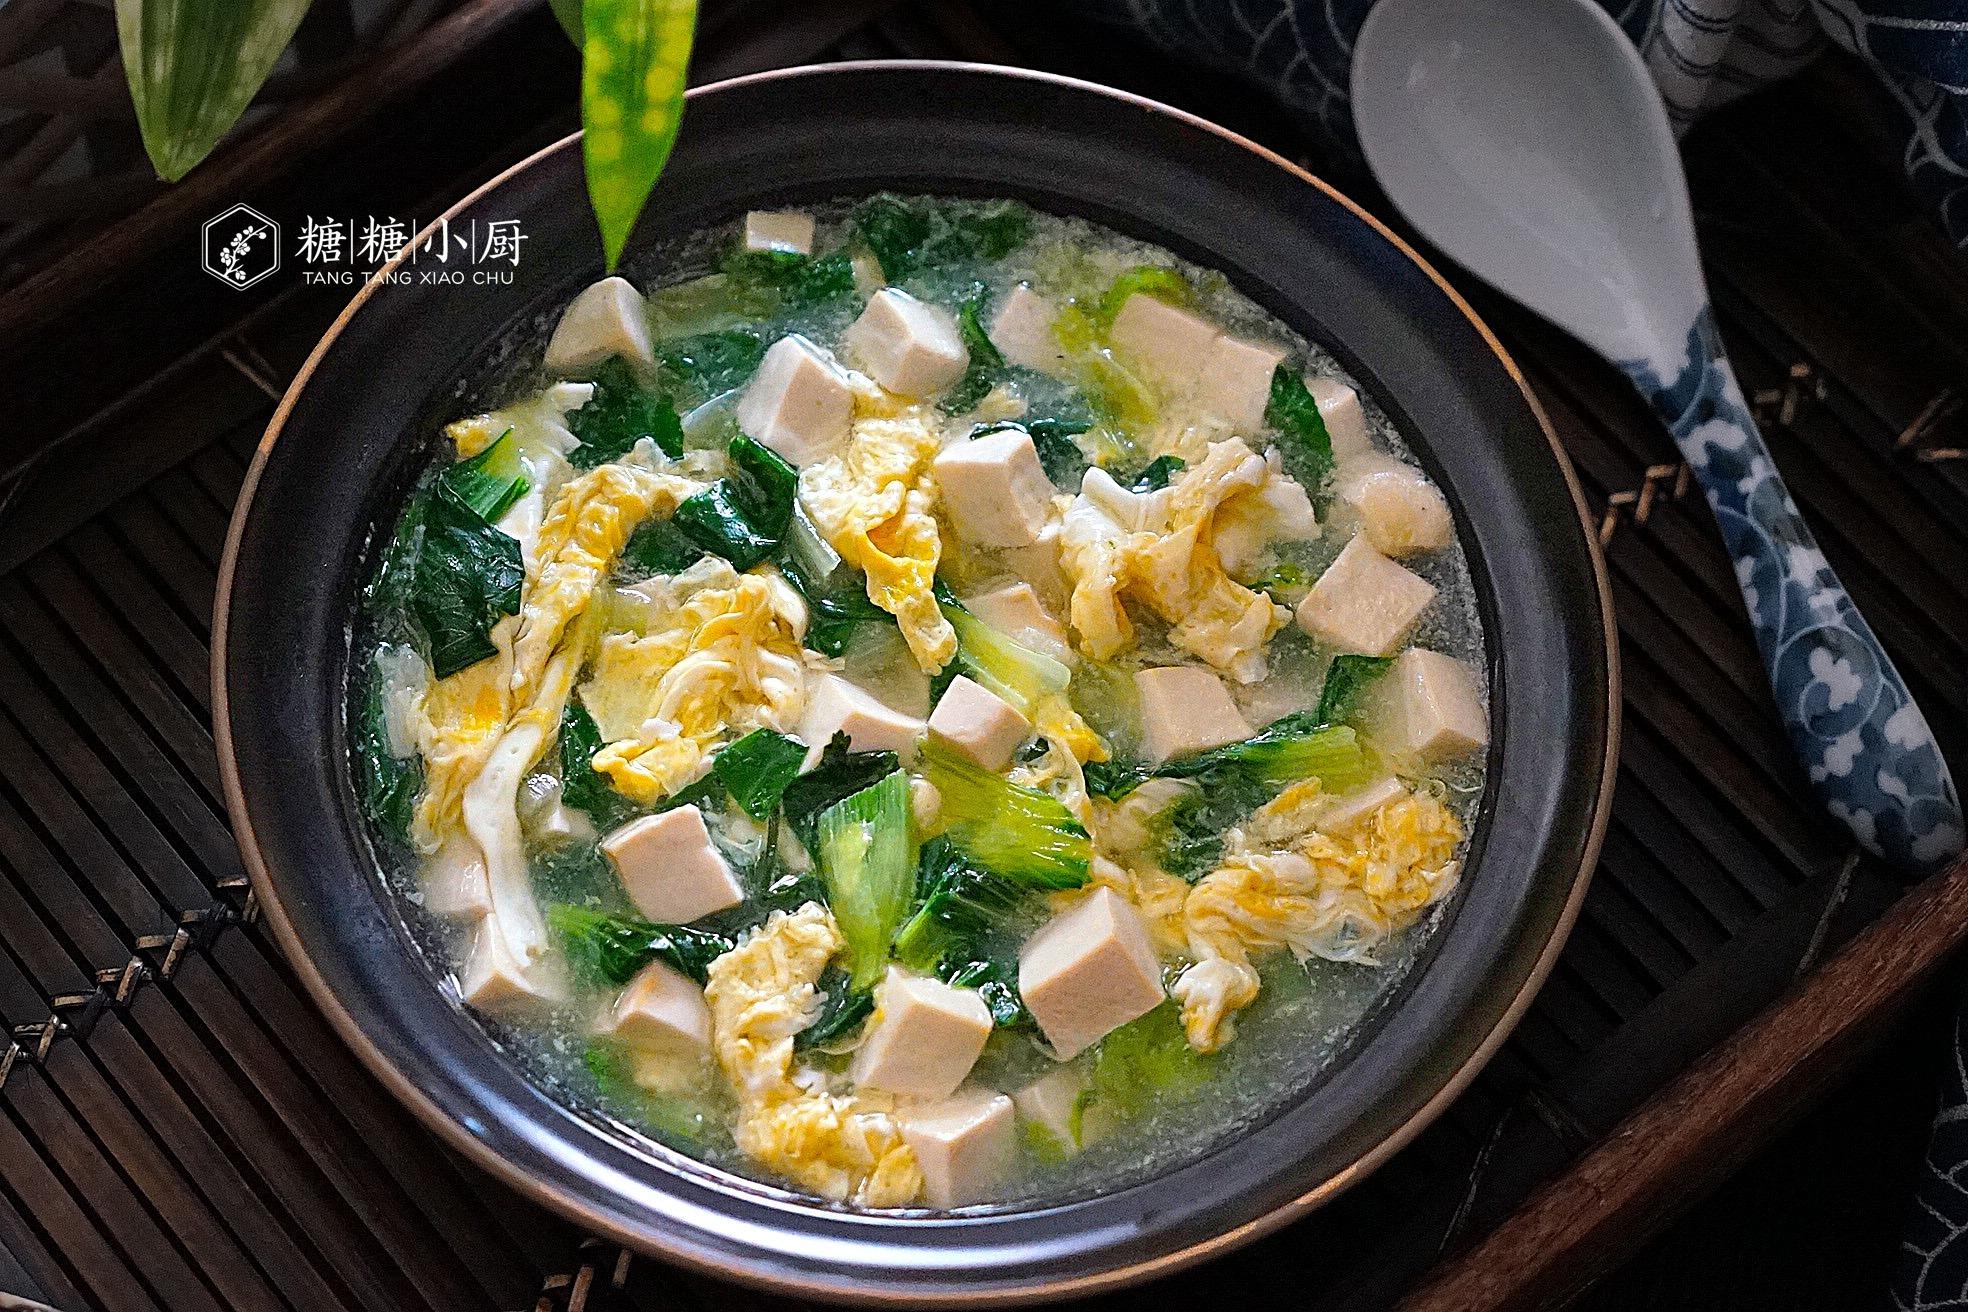 冬季午餐每天来一碗这菜羹,营养又暖和,越冷越想喝